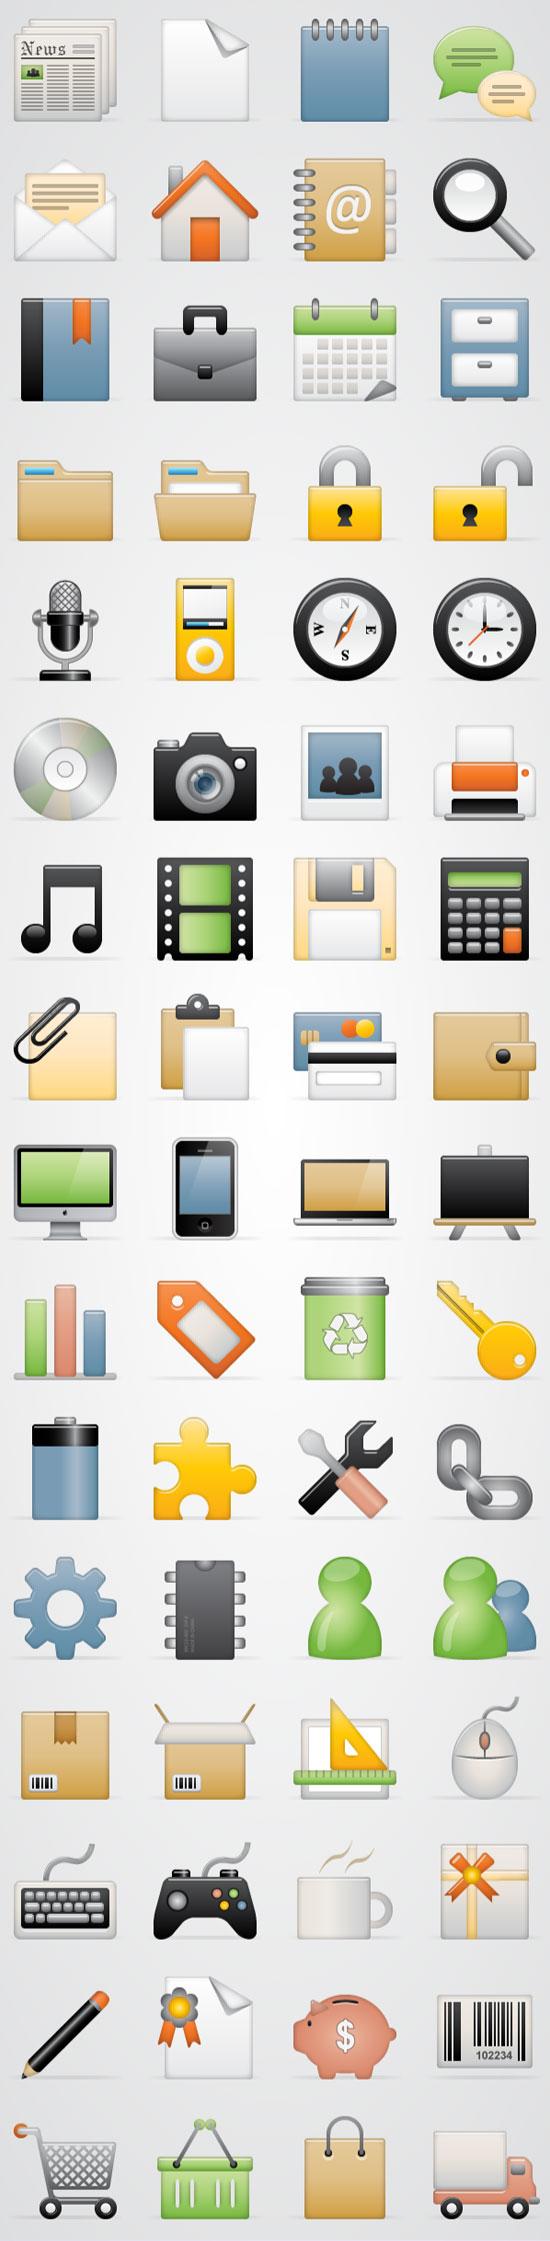 10 Useful Fresh Free Icon Set 1